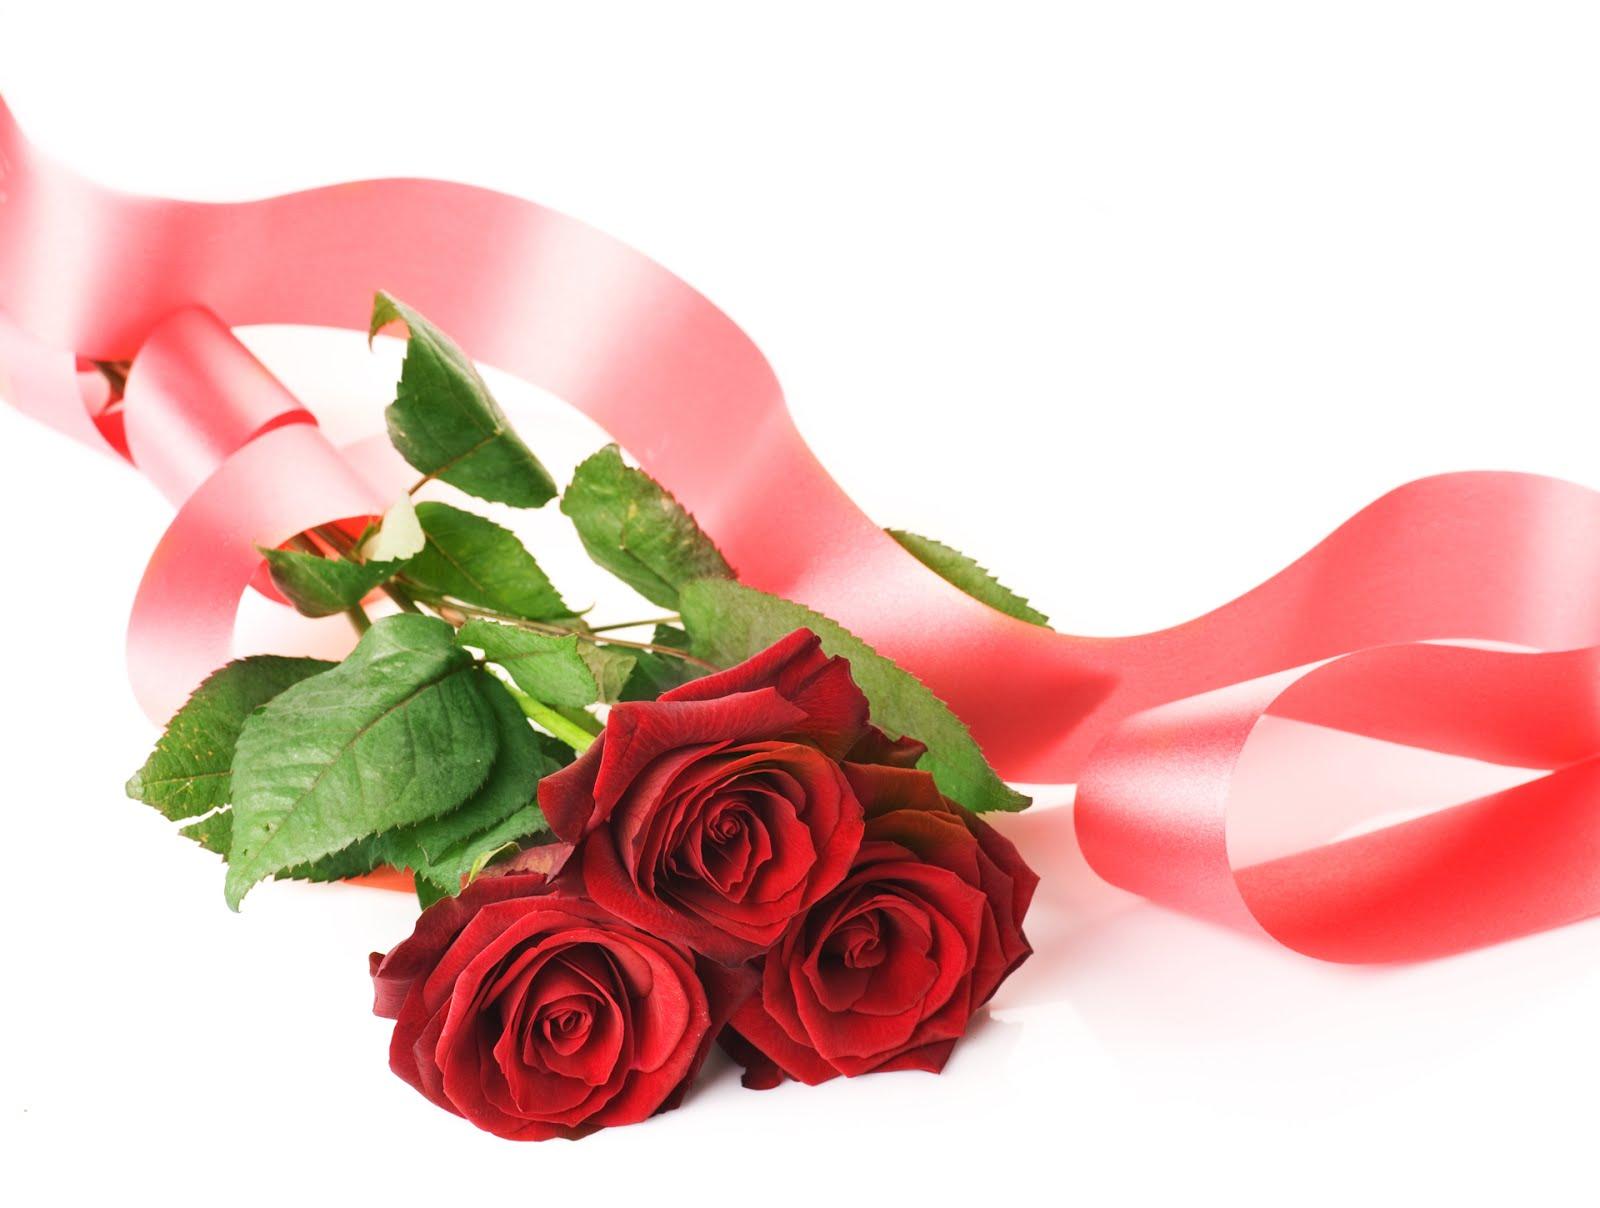 Día de San Valentín - Wikipedia, la enciclopedia libre